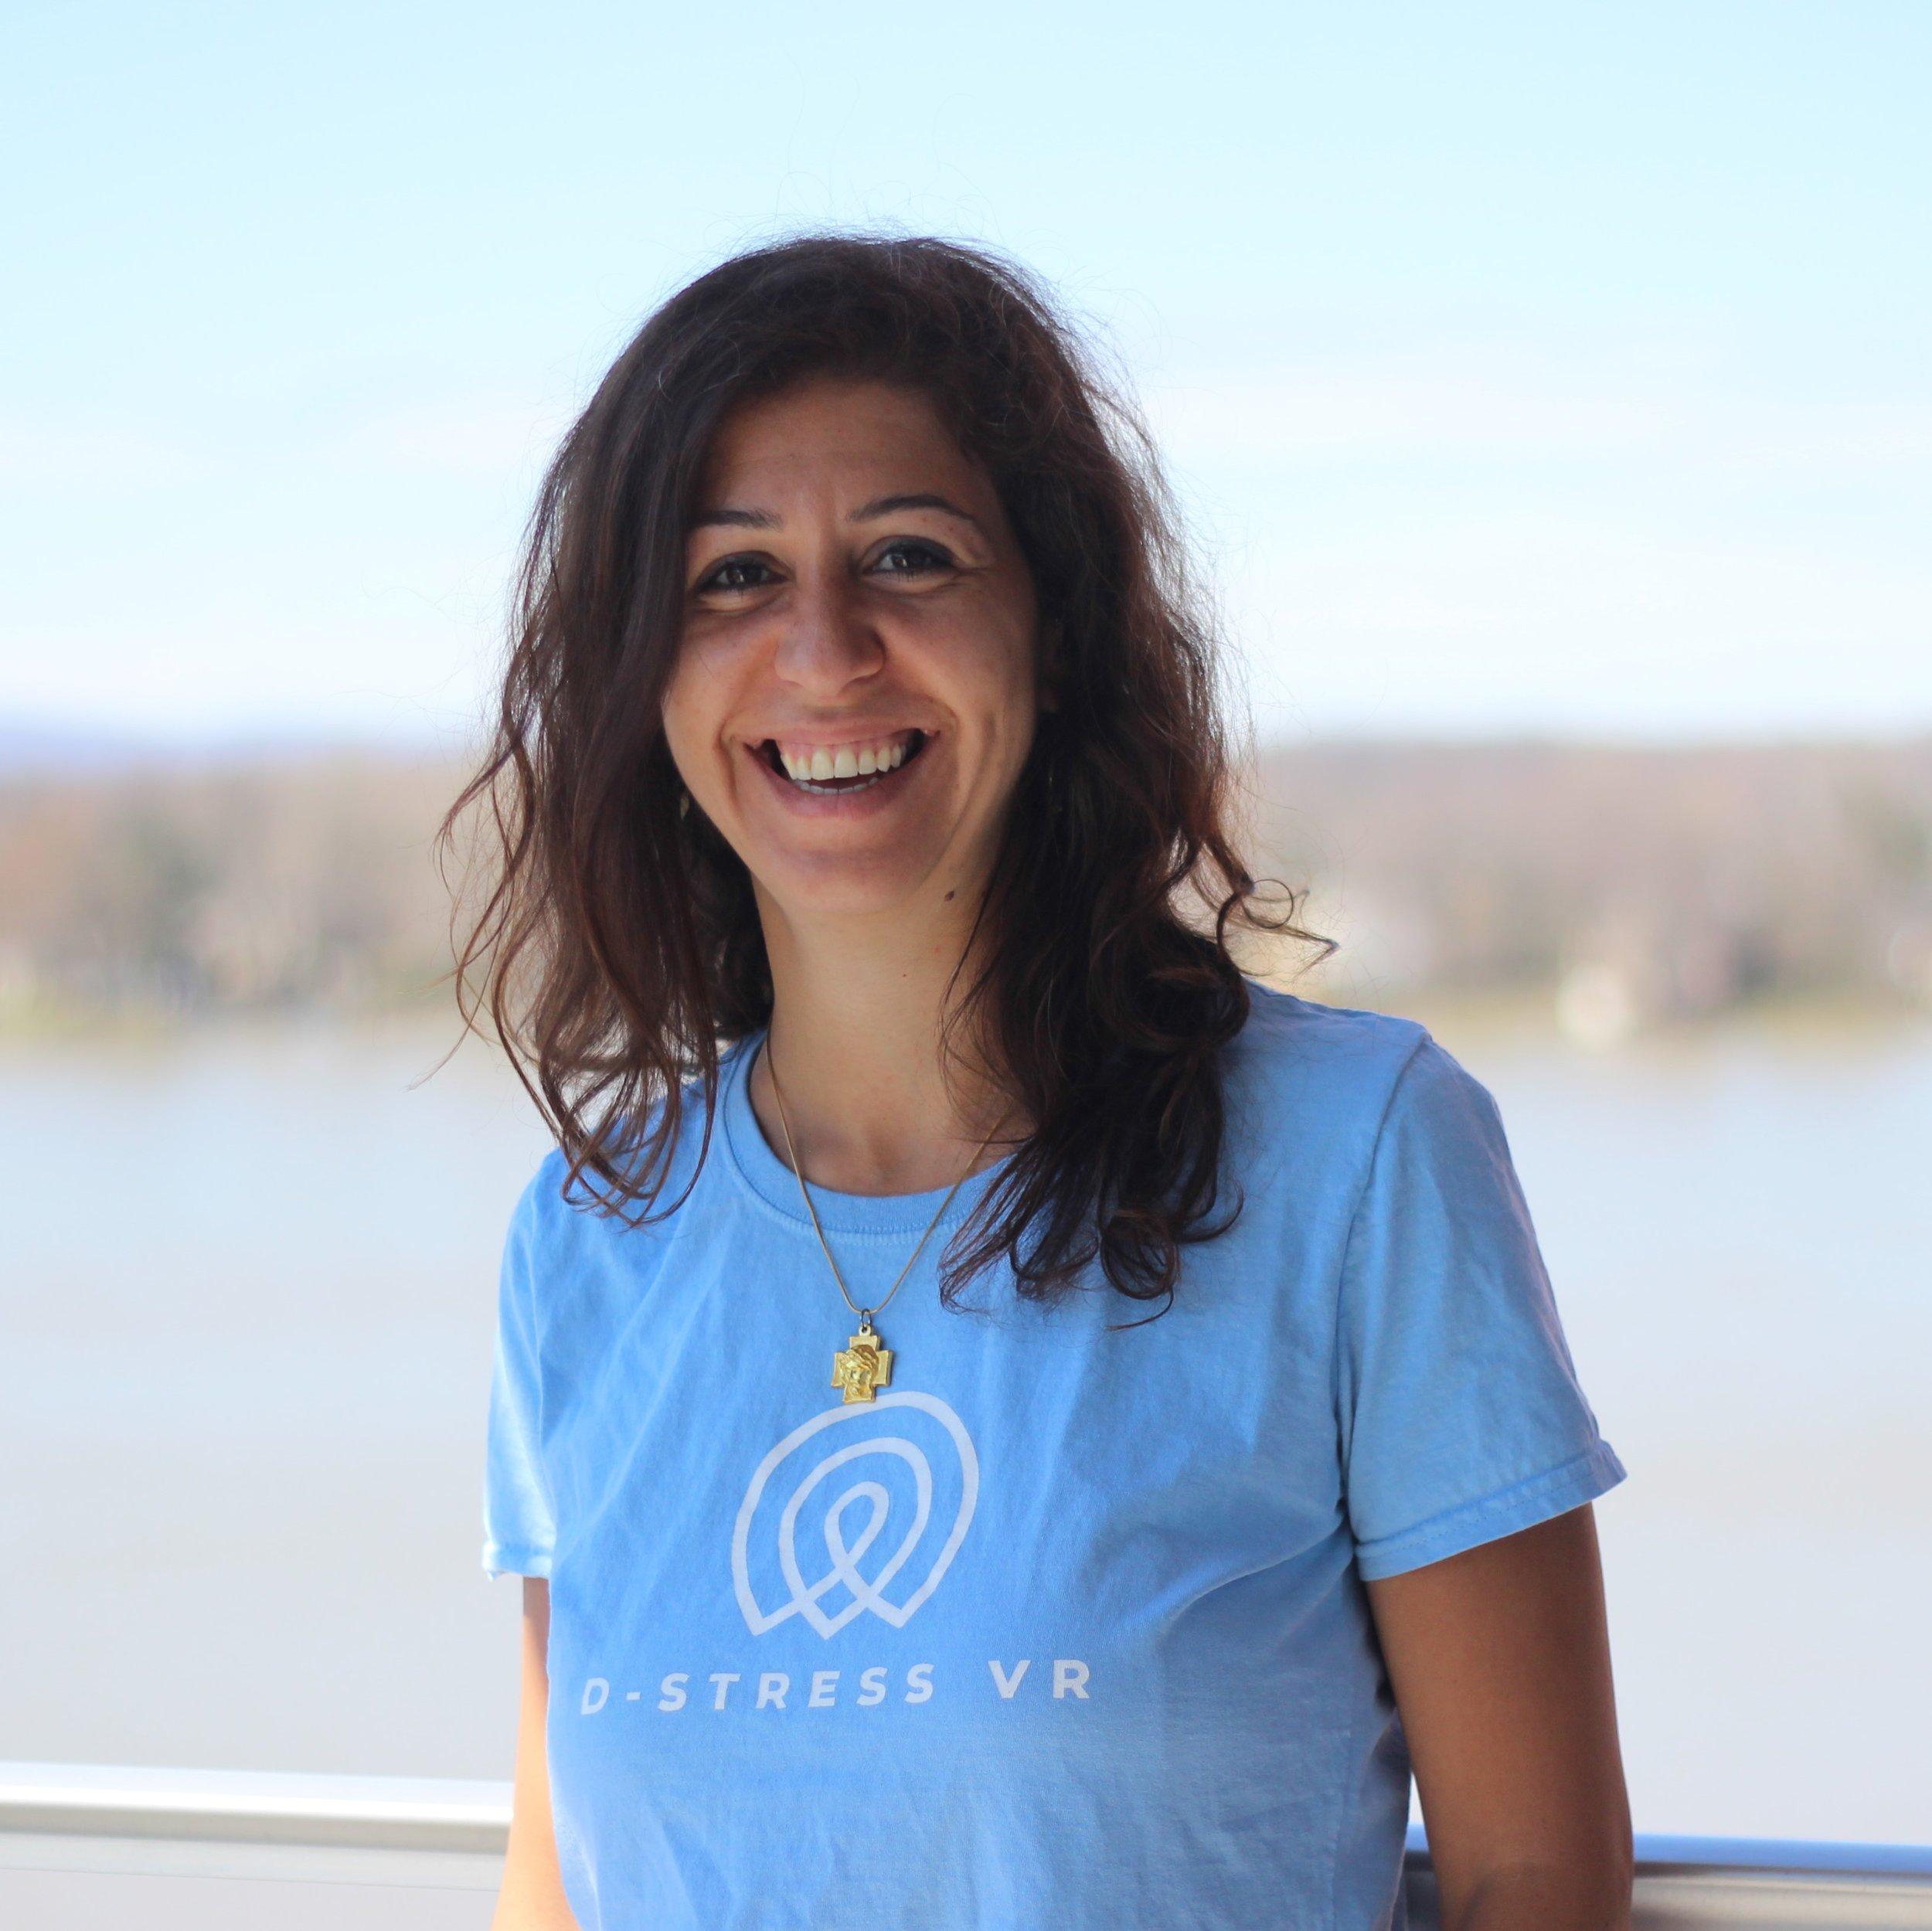 Narimane Hajjar - D-STRESS VR COACHNarimane est une passionnée! Pratiquante assidue de la méditation et du yoga, elle a voyagé en Inde pour apprendre les techniques de Hatha Yoga et de méditation Vipassana. Passionnée par la pleine conscience, elle guidera nos participants vers le calme intérieur pour pleinement profiter de leur expérience de réalité virtuelle.